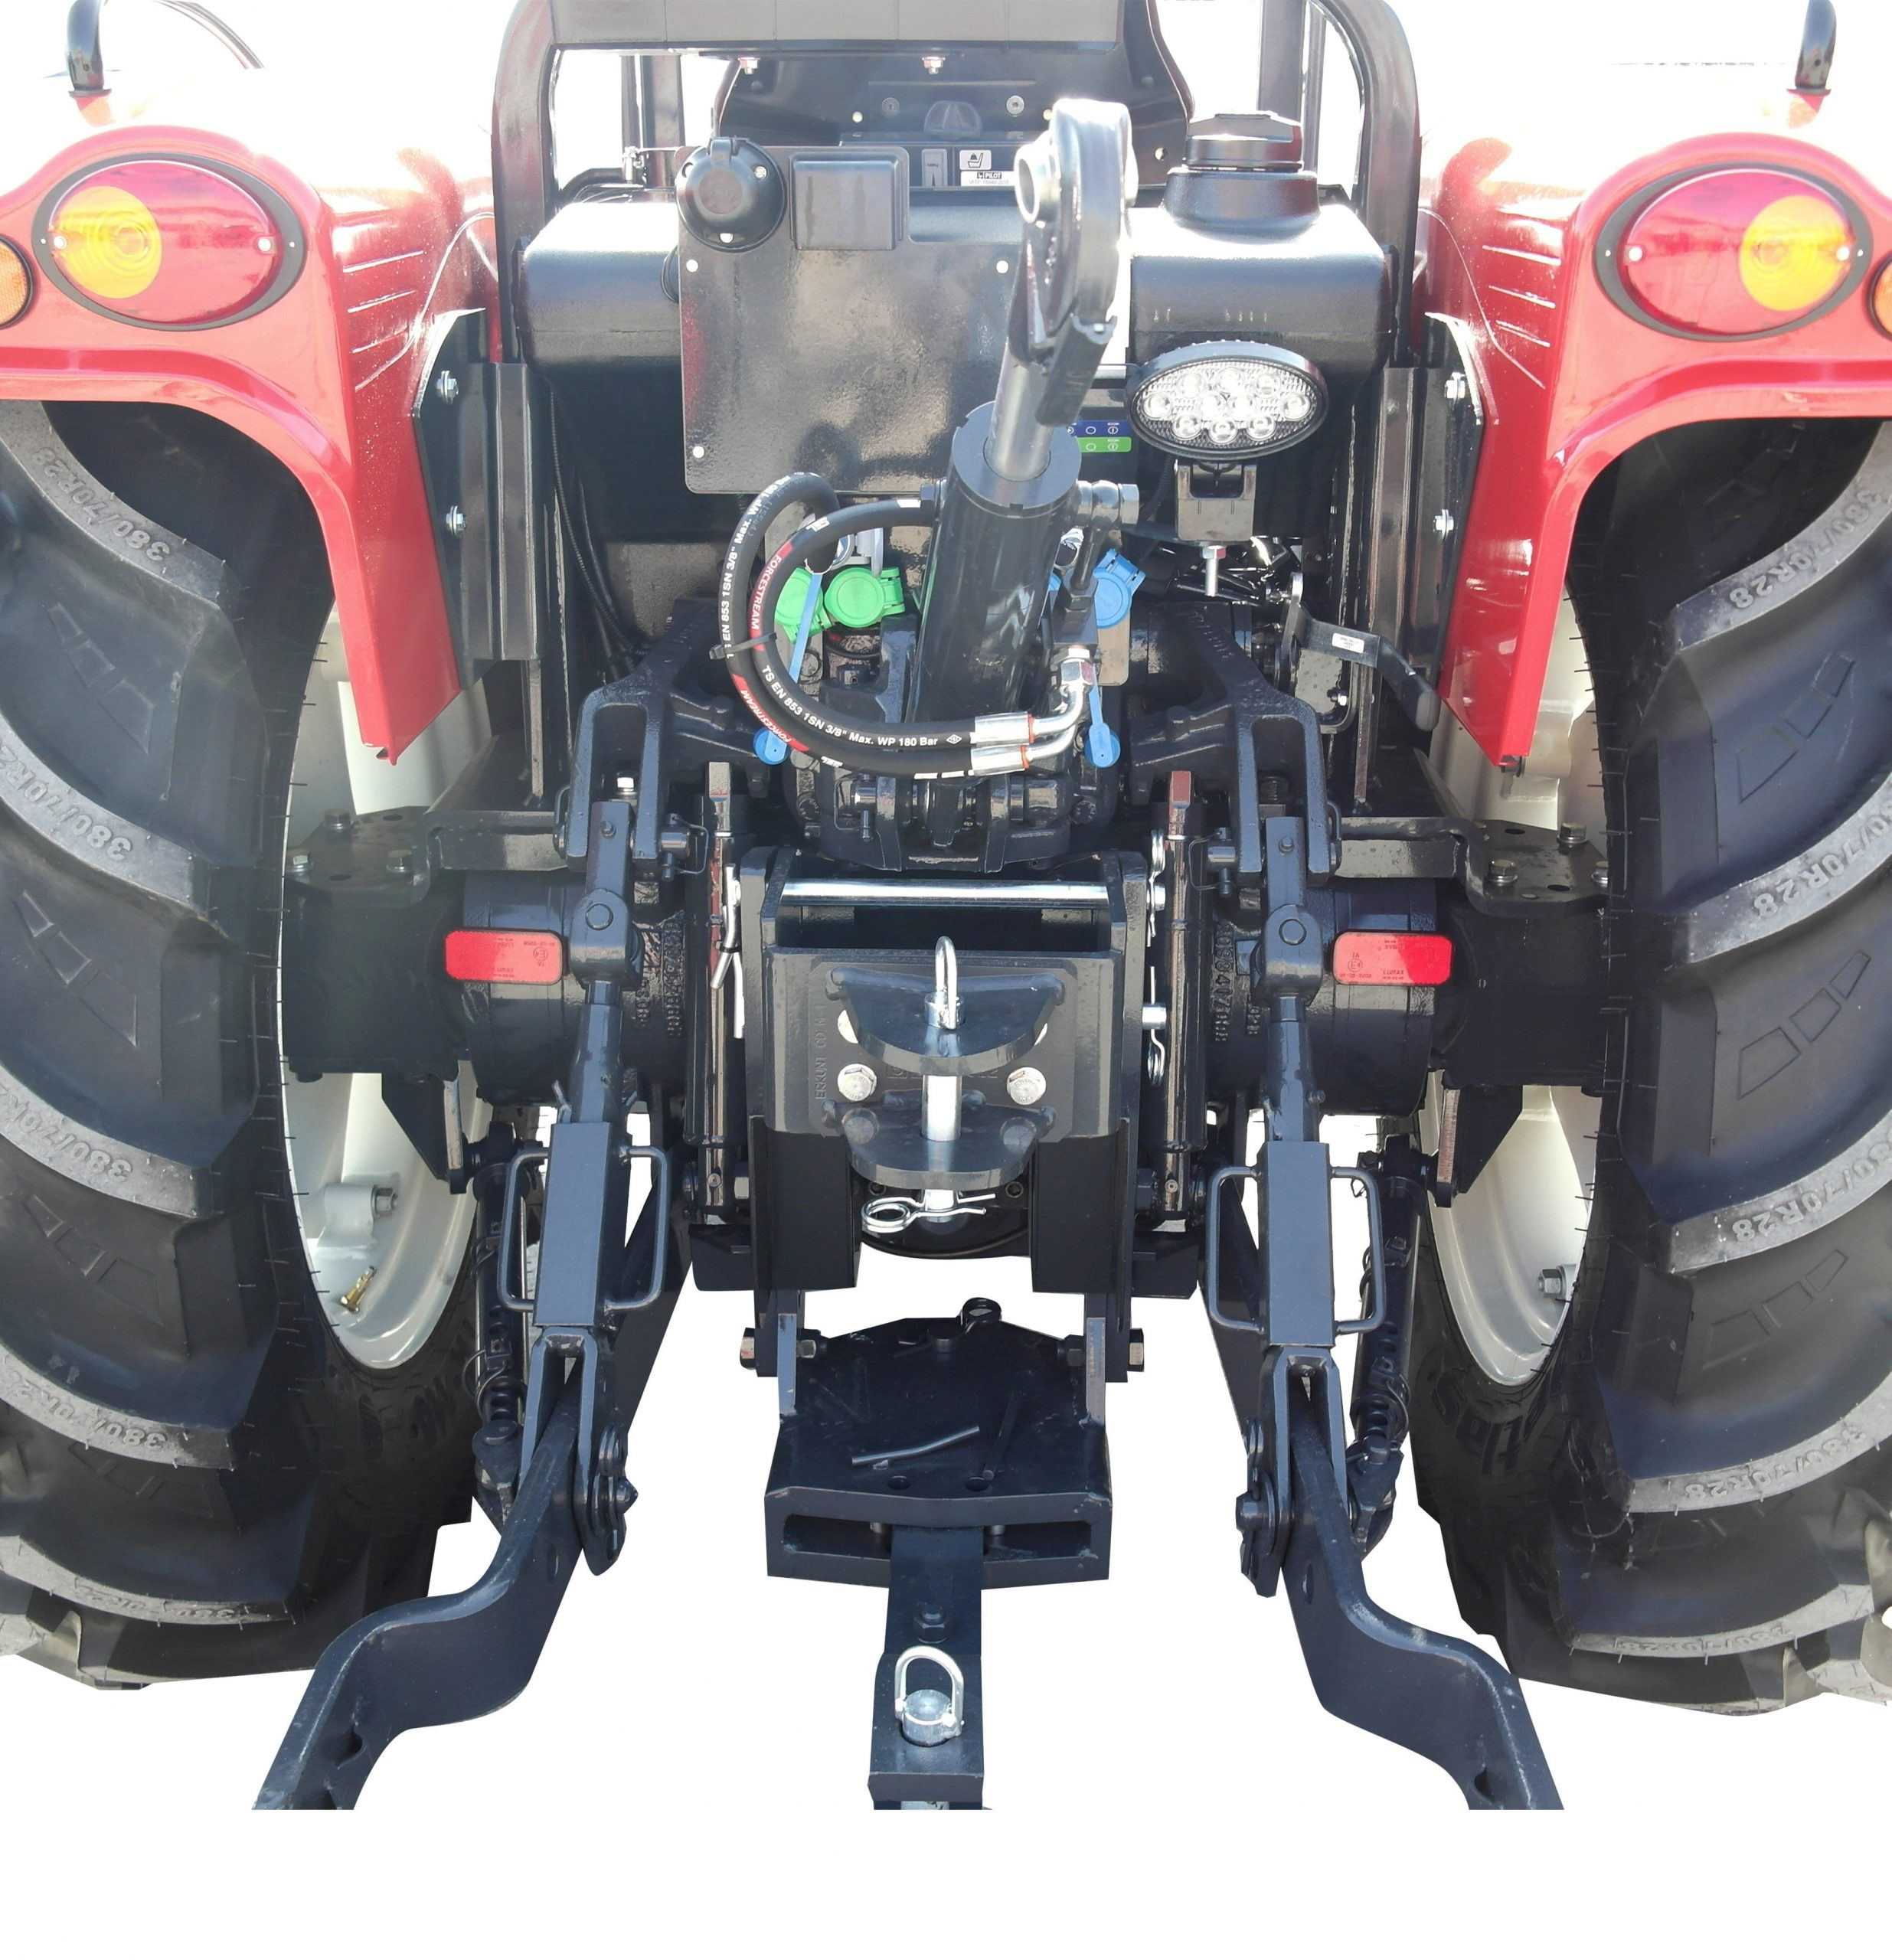 Kiymet95MLuks 4WD 03 scaled https://huglero.com/2020-en-iyi-bahce-traktoru/ En iyi bahçe traktörü hangisi seçebilmek hele bu konuda tavsiye vermek oldukça güç. Sadece küçük bir traktör için değil, başka bir aracı seçmek için de öncelikle ihtiyacın ne olduğunun belirlenmesi ve aracın özelliklerinin ona göre seçilmesi gerektiği elbette malum. Traktörler de özelliklerine göre çeşit çeşit farklı yapıdalar ve genellikle tarla tipi ve bahçe tipi traktör olarak ayrılıyorlar. Peki Türkiye'de 2020 yılında seçebileceğimiz en iyi bahçe traktörleri hangileri?